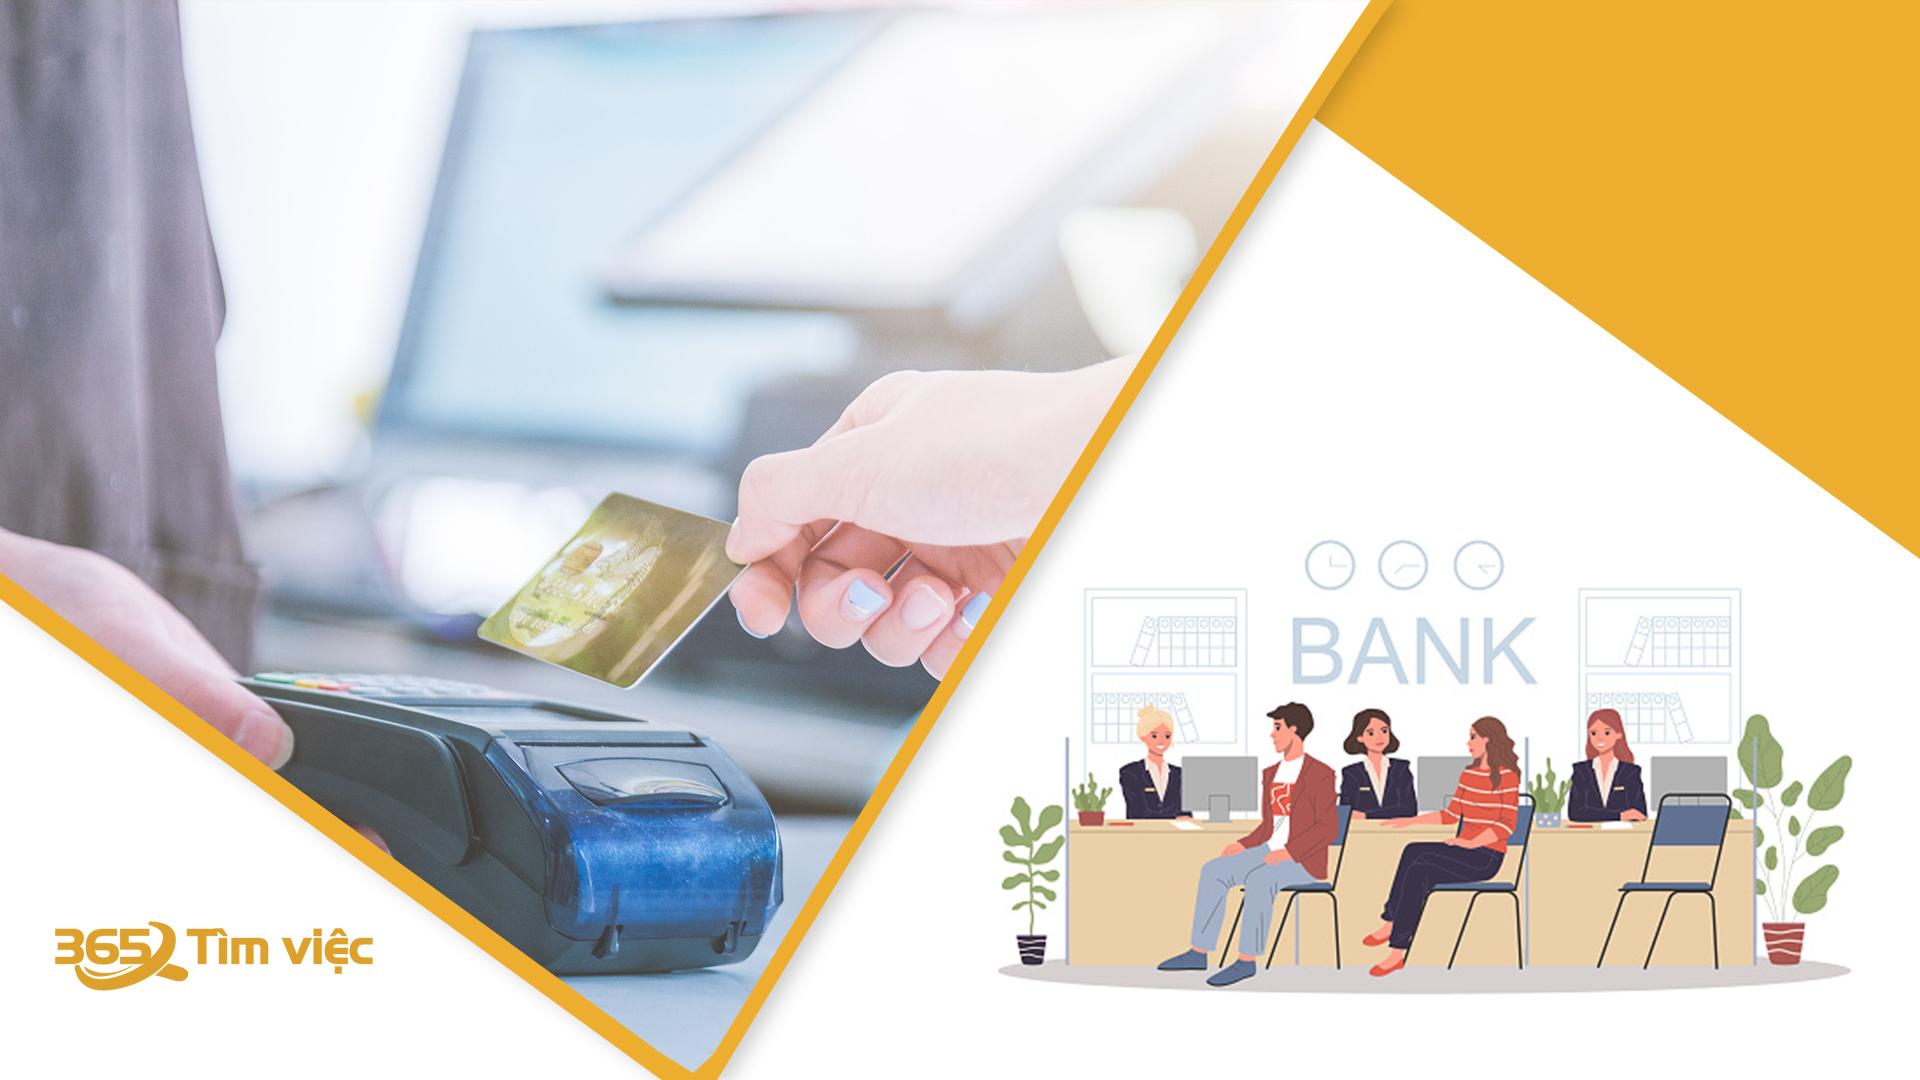 Cách trình bày CV Vietcombank chi tiết và đầy đủ nhất